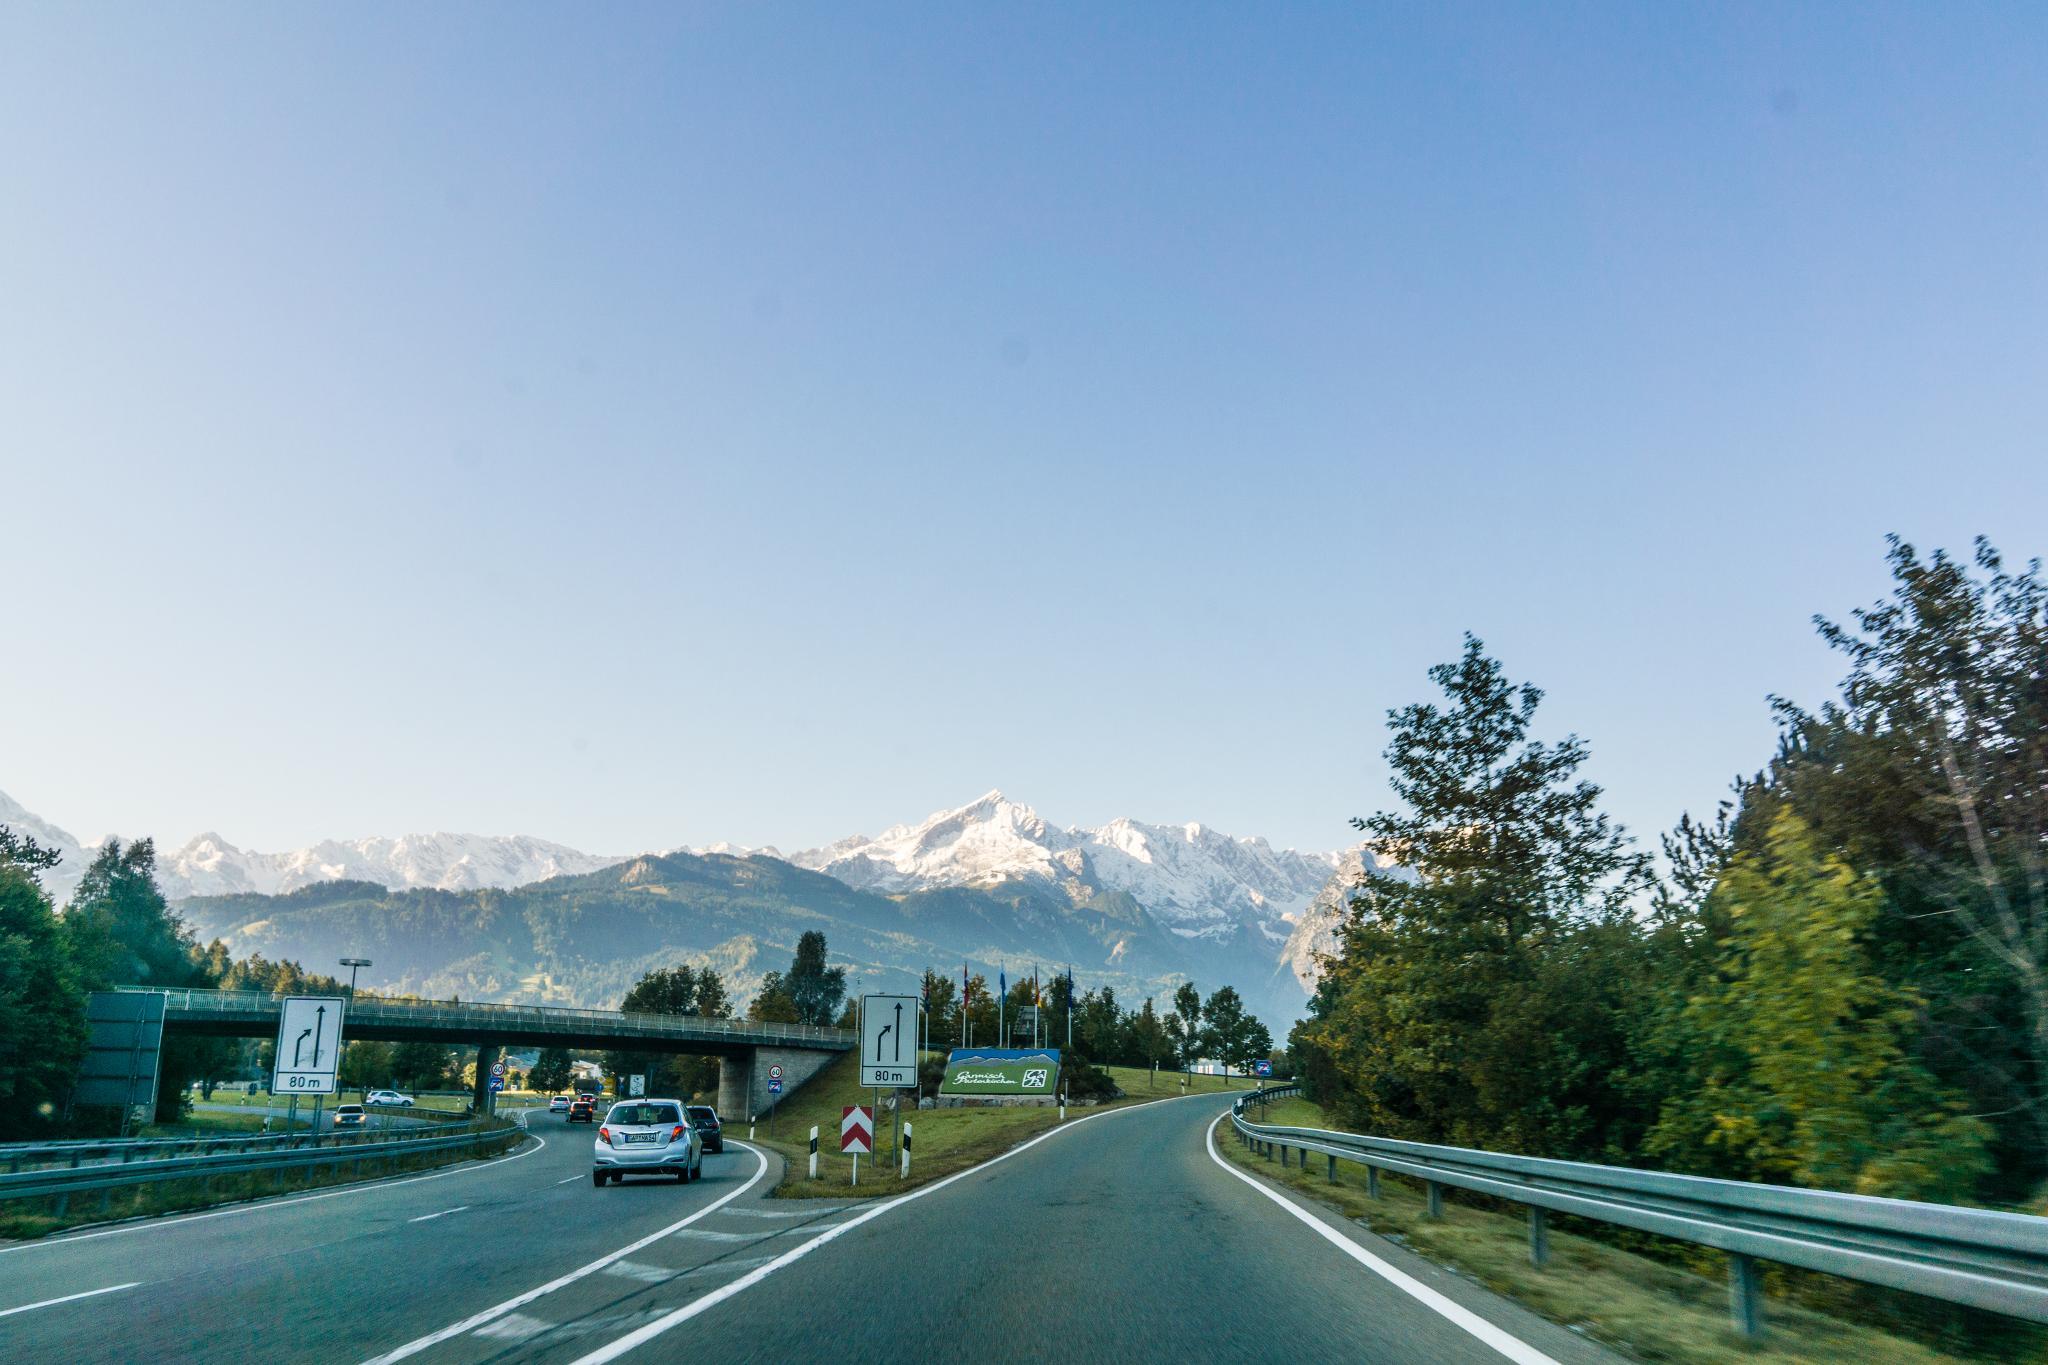 【德國】阿爾卑斯大道:楚格峰 (Zugspitze) 登上德國之巔 8